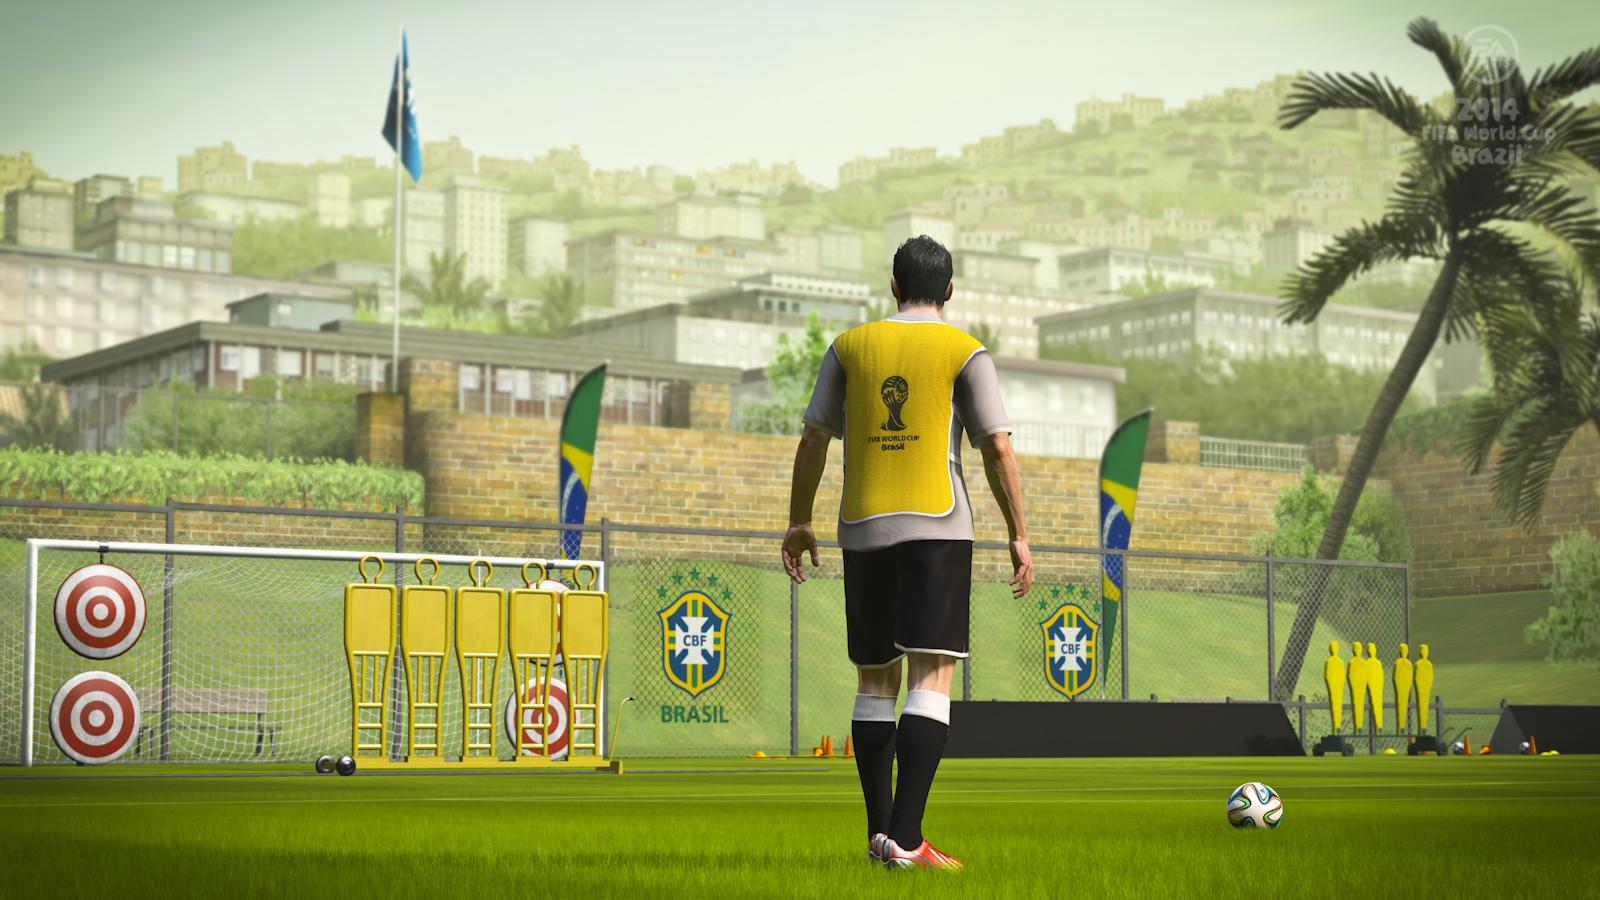 FIFA WM 2